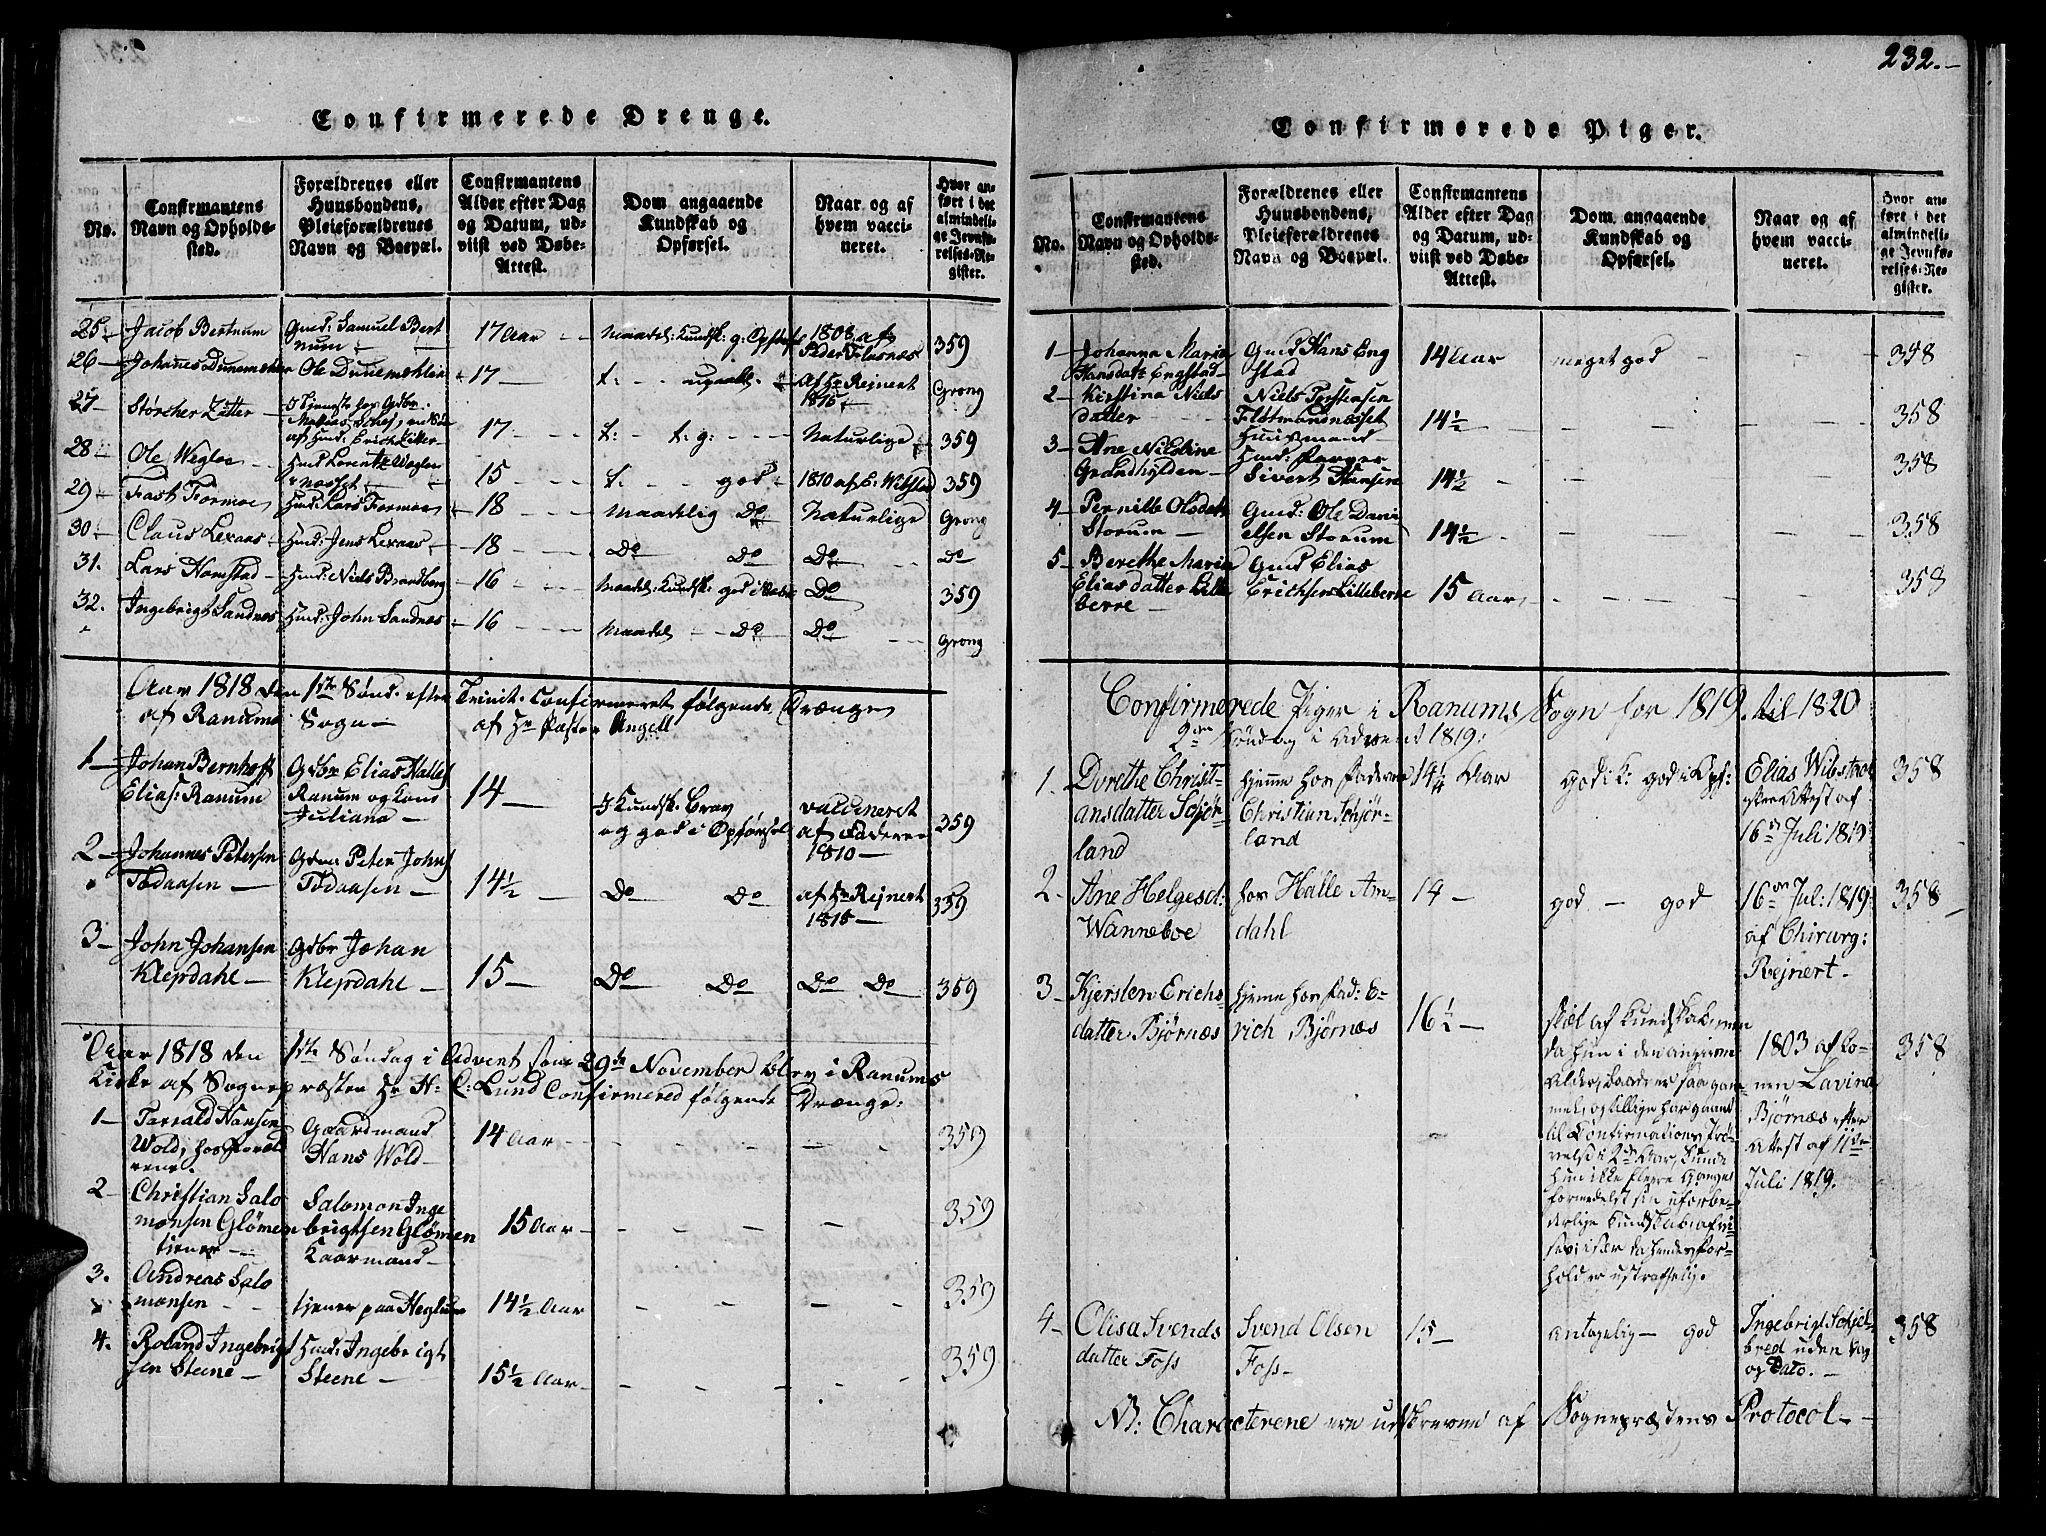 SAT, Ministerialprotokoller, klokkerbøker og fødselsregistre - Nord-Trøndelag, 764/L0559: Klokkerbok nr. 764C01, 1816-1824, s. 232